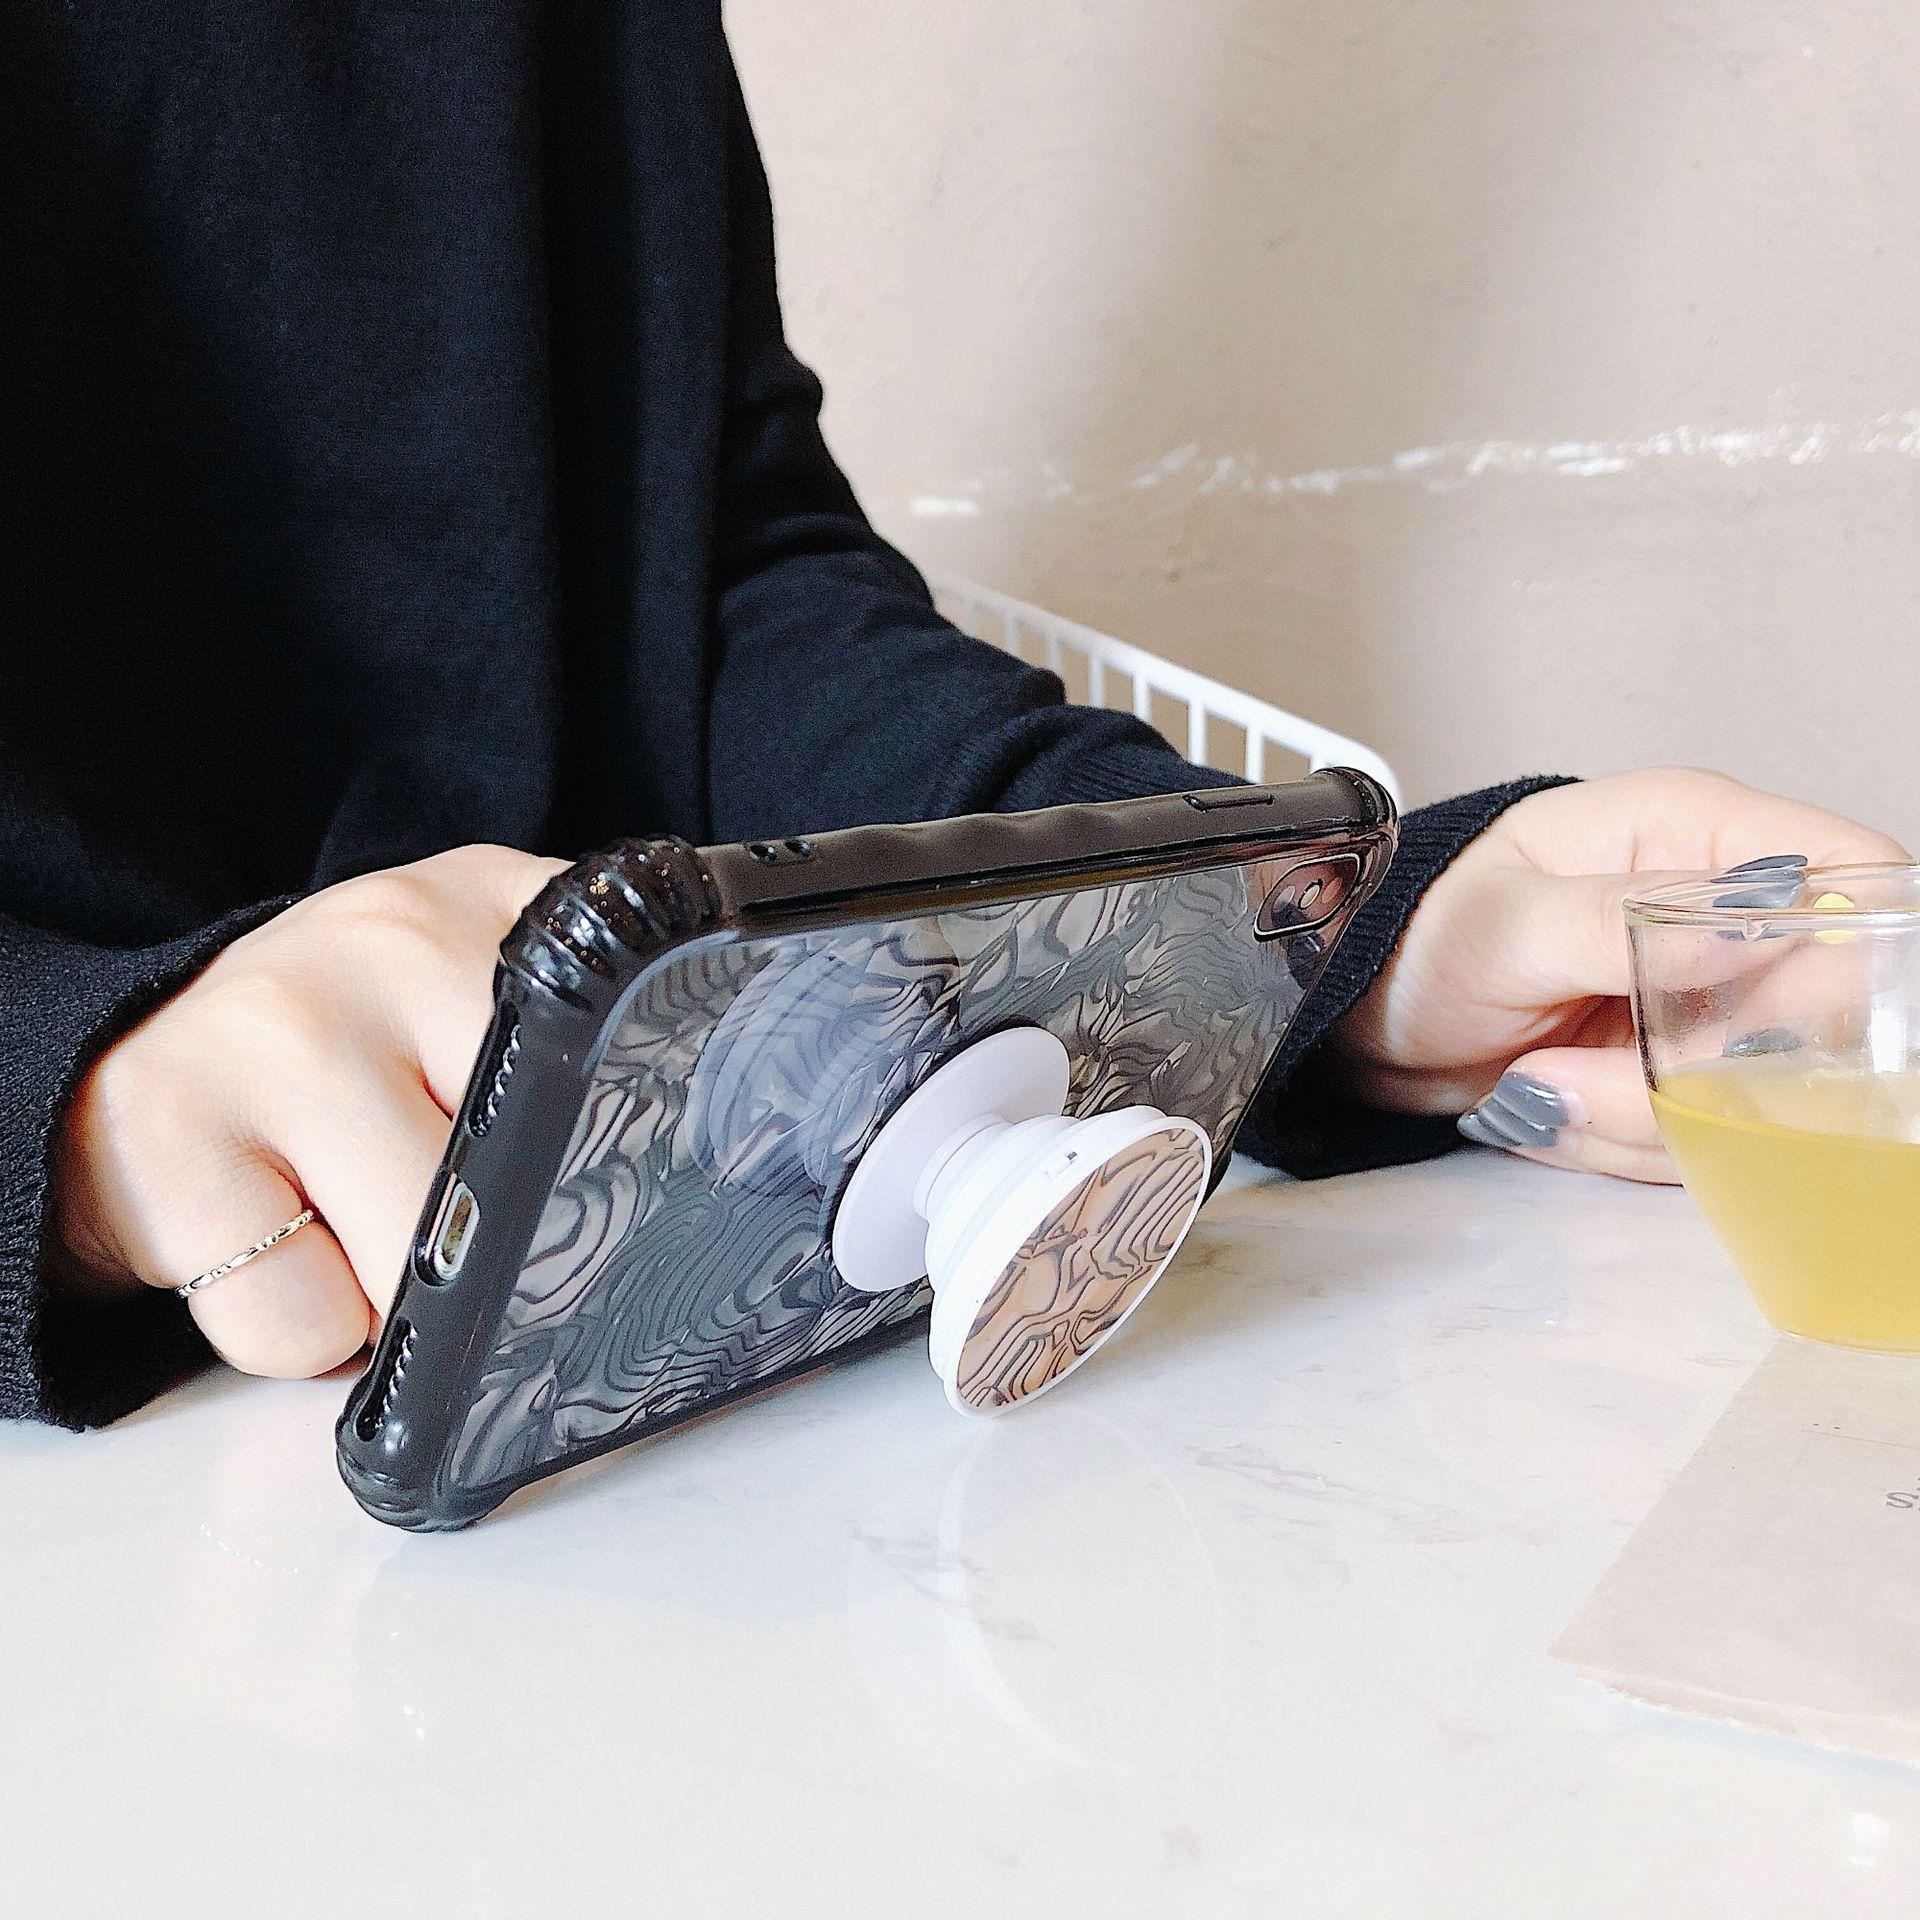 الجمال صدف نمط حالة الهاتف مسنده وسادة هوائية قابل للسحب قوس محارة شل الملمس الغطاء الخلفي درع آيفون X 10 4.7 5.5